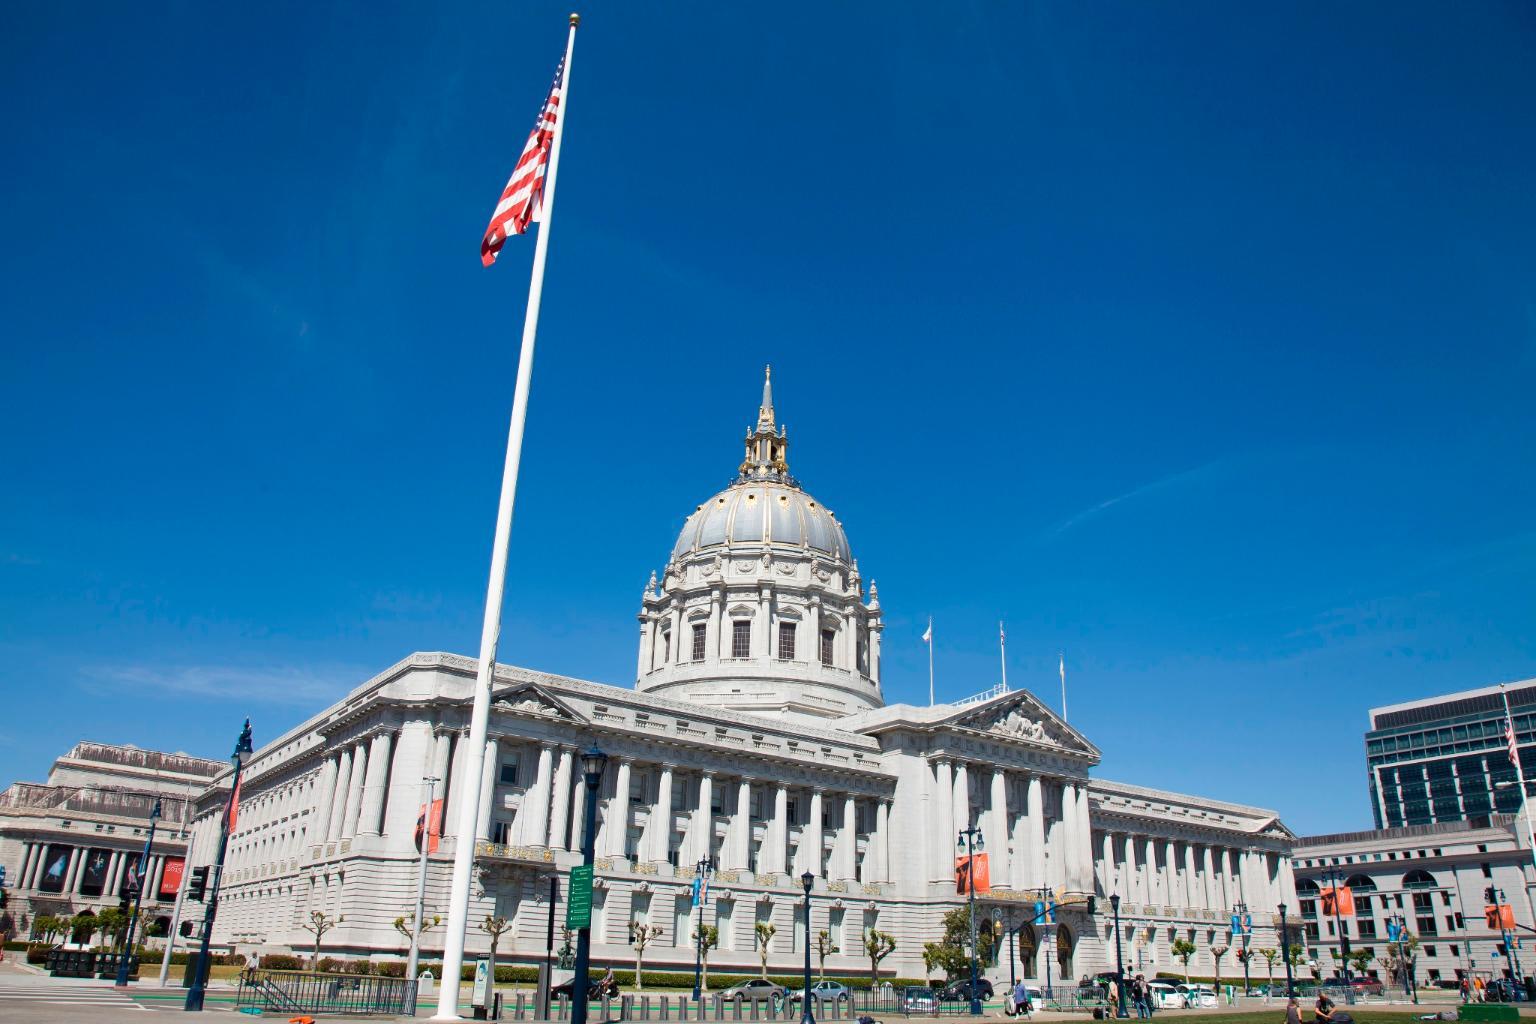 旧金山市政厅